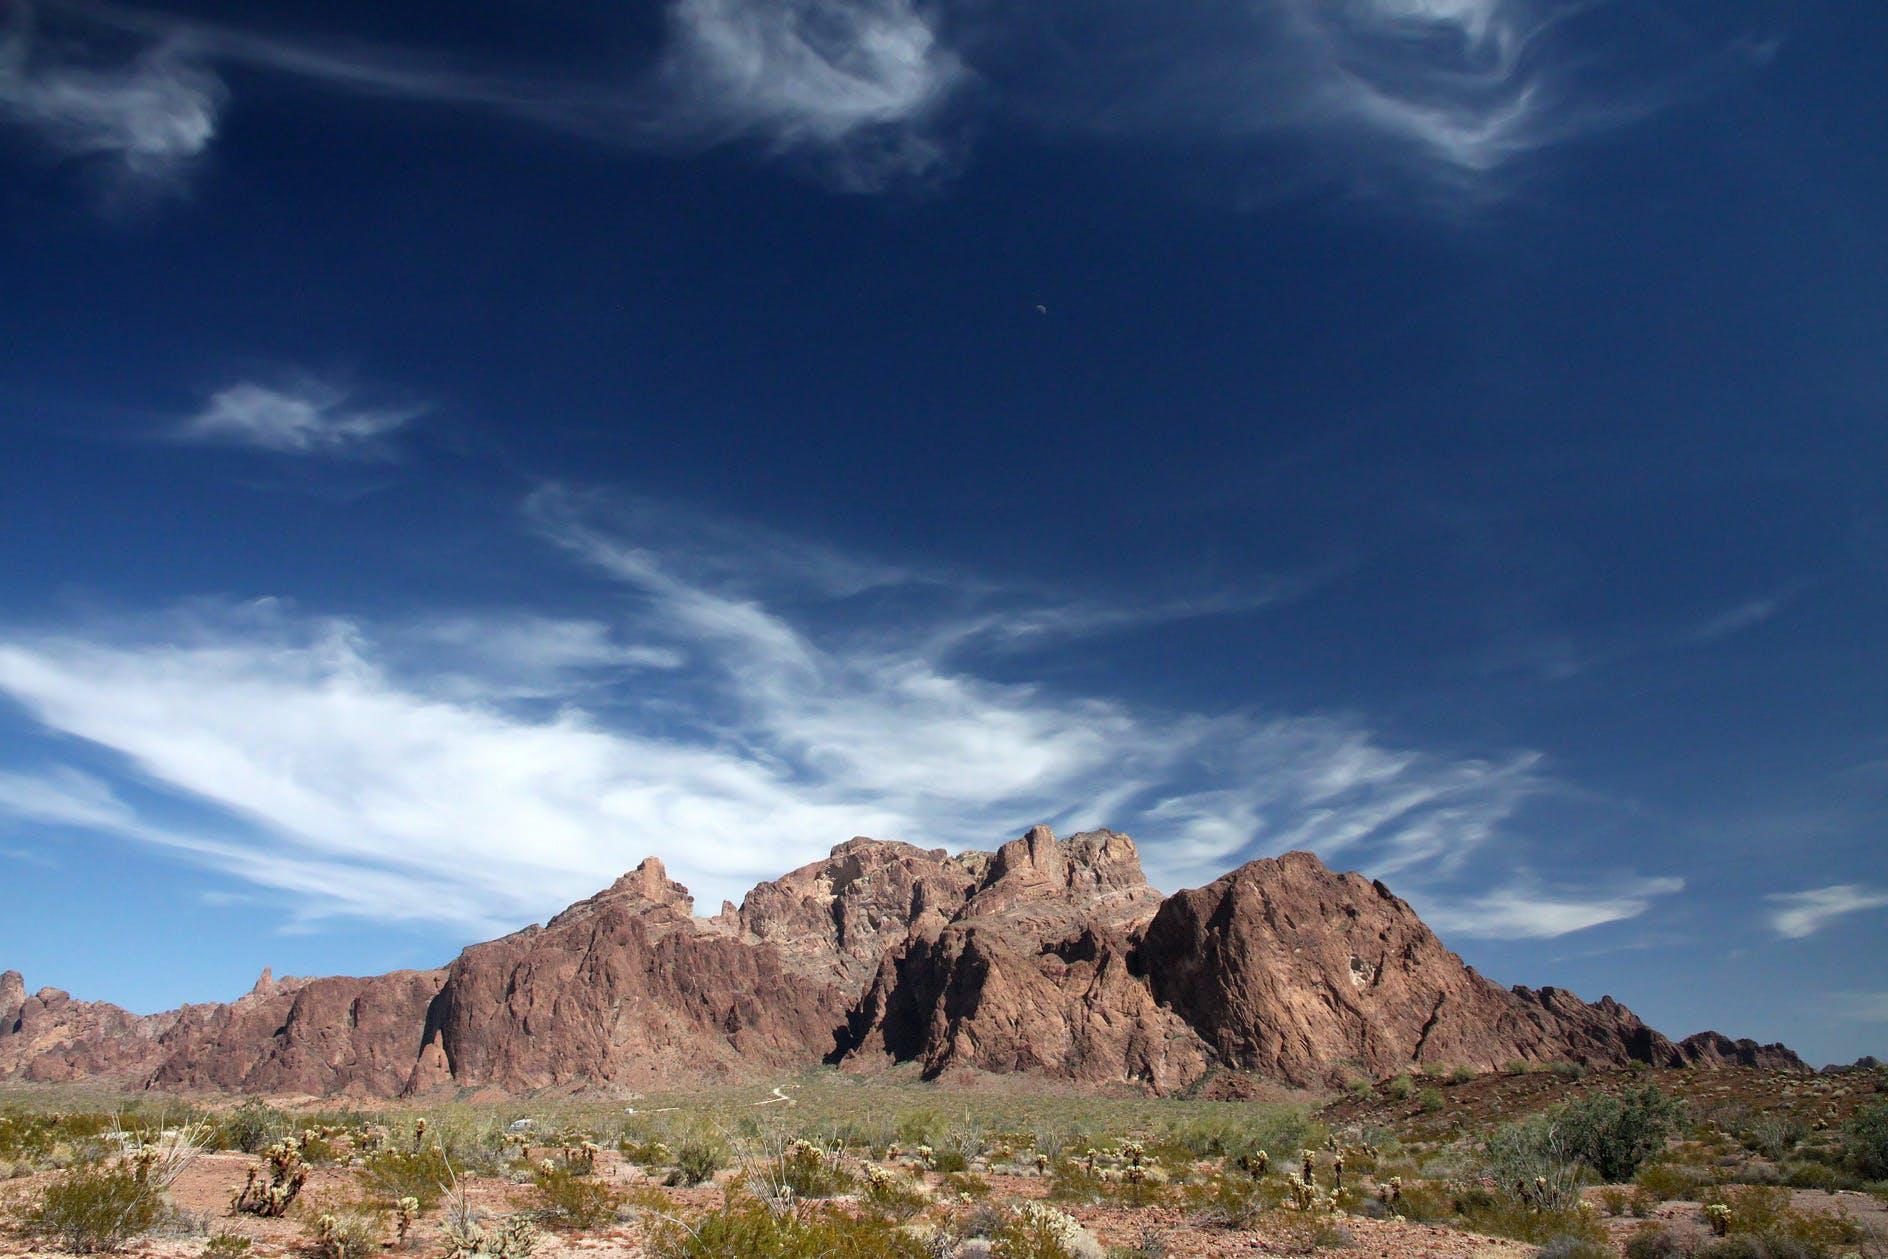 Immagine gratuita di arido, cielo, deserto, montagna